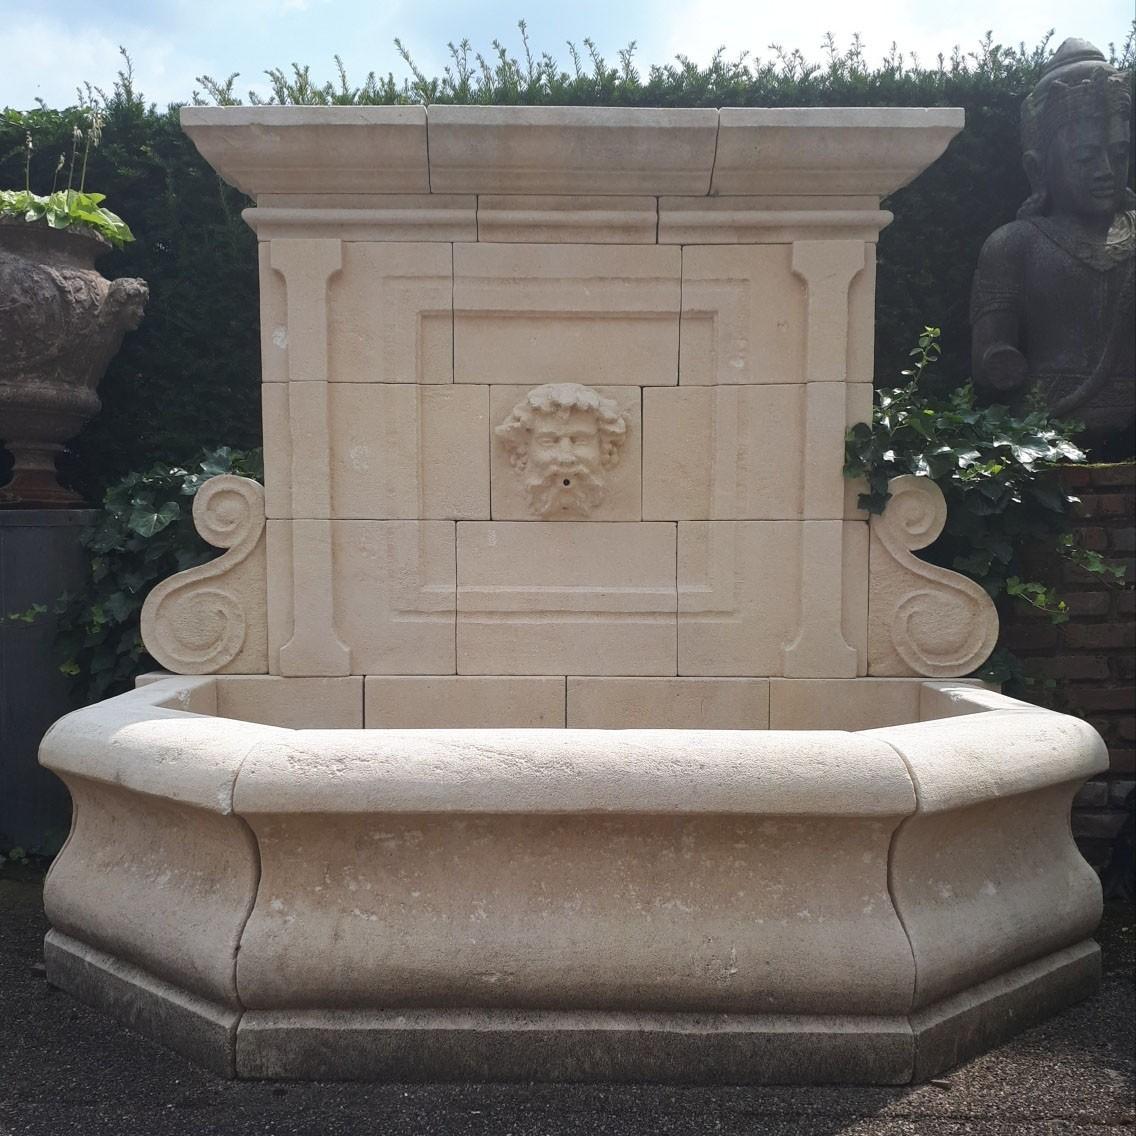 Großer Natursteinmauerbrunnen